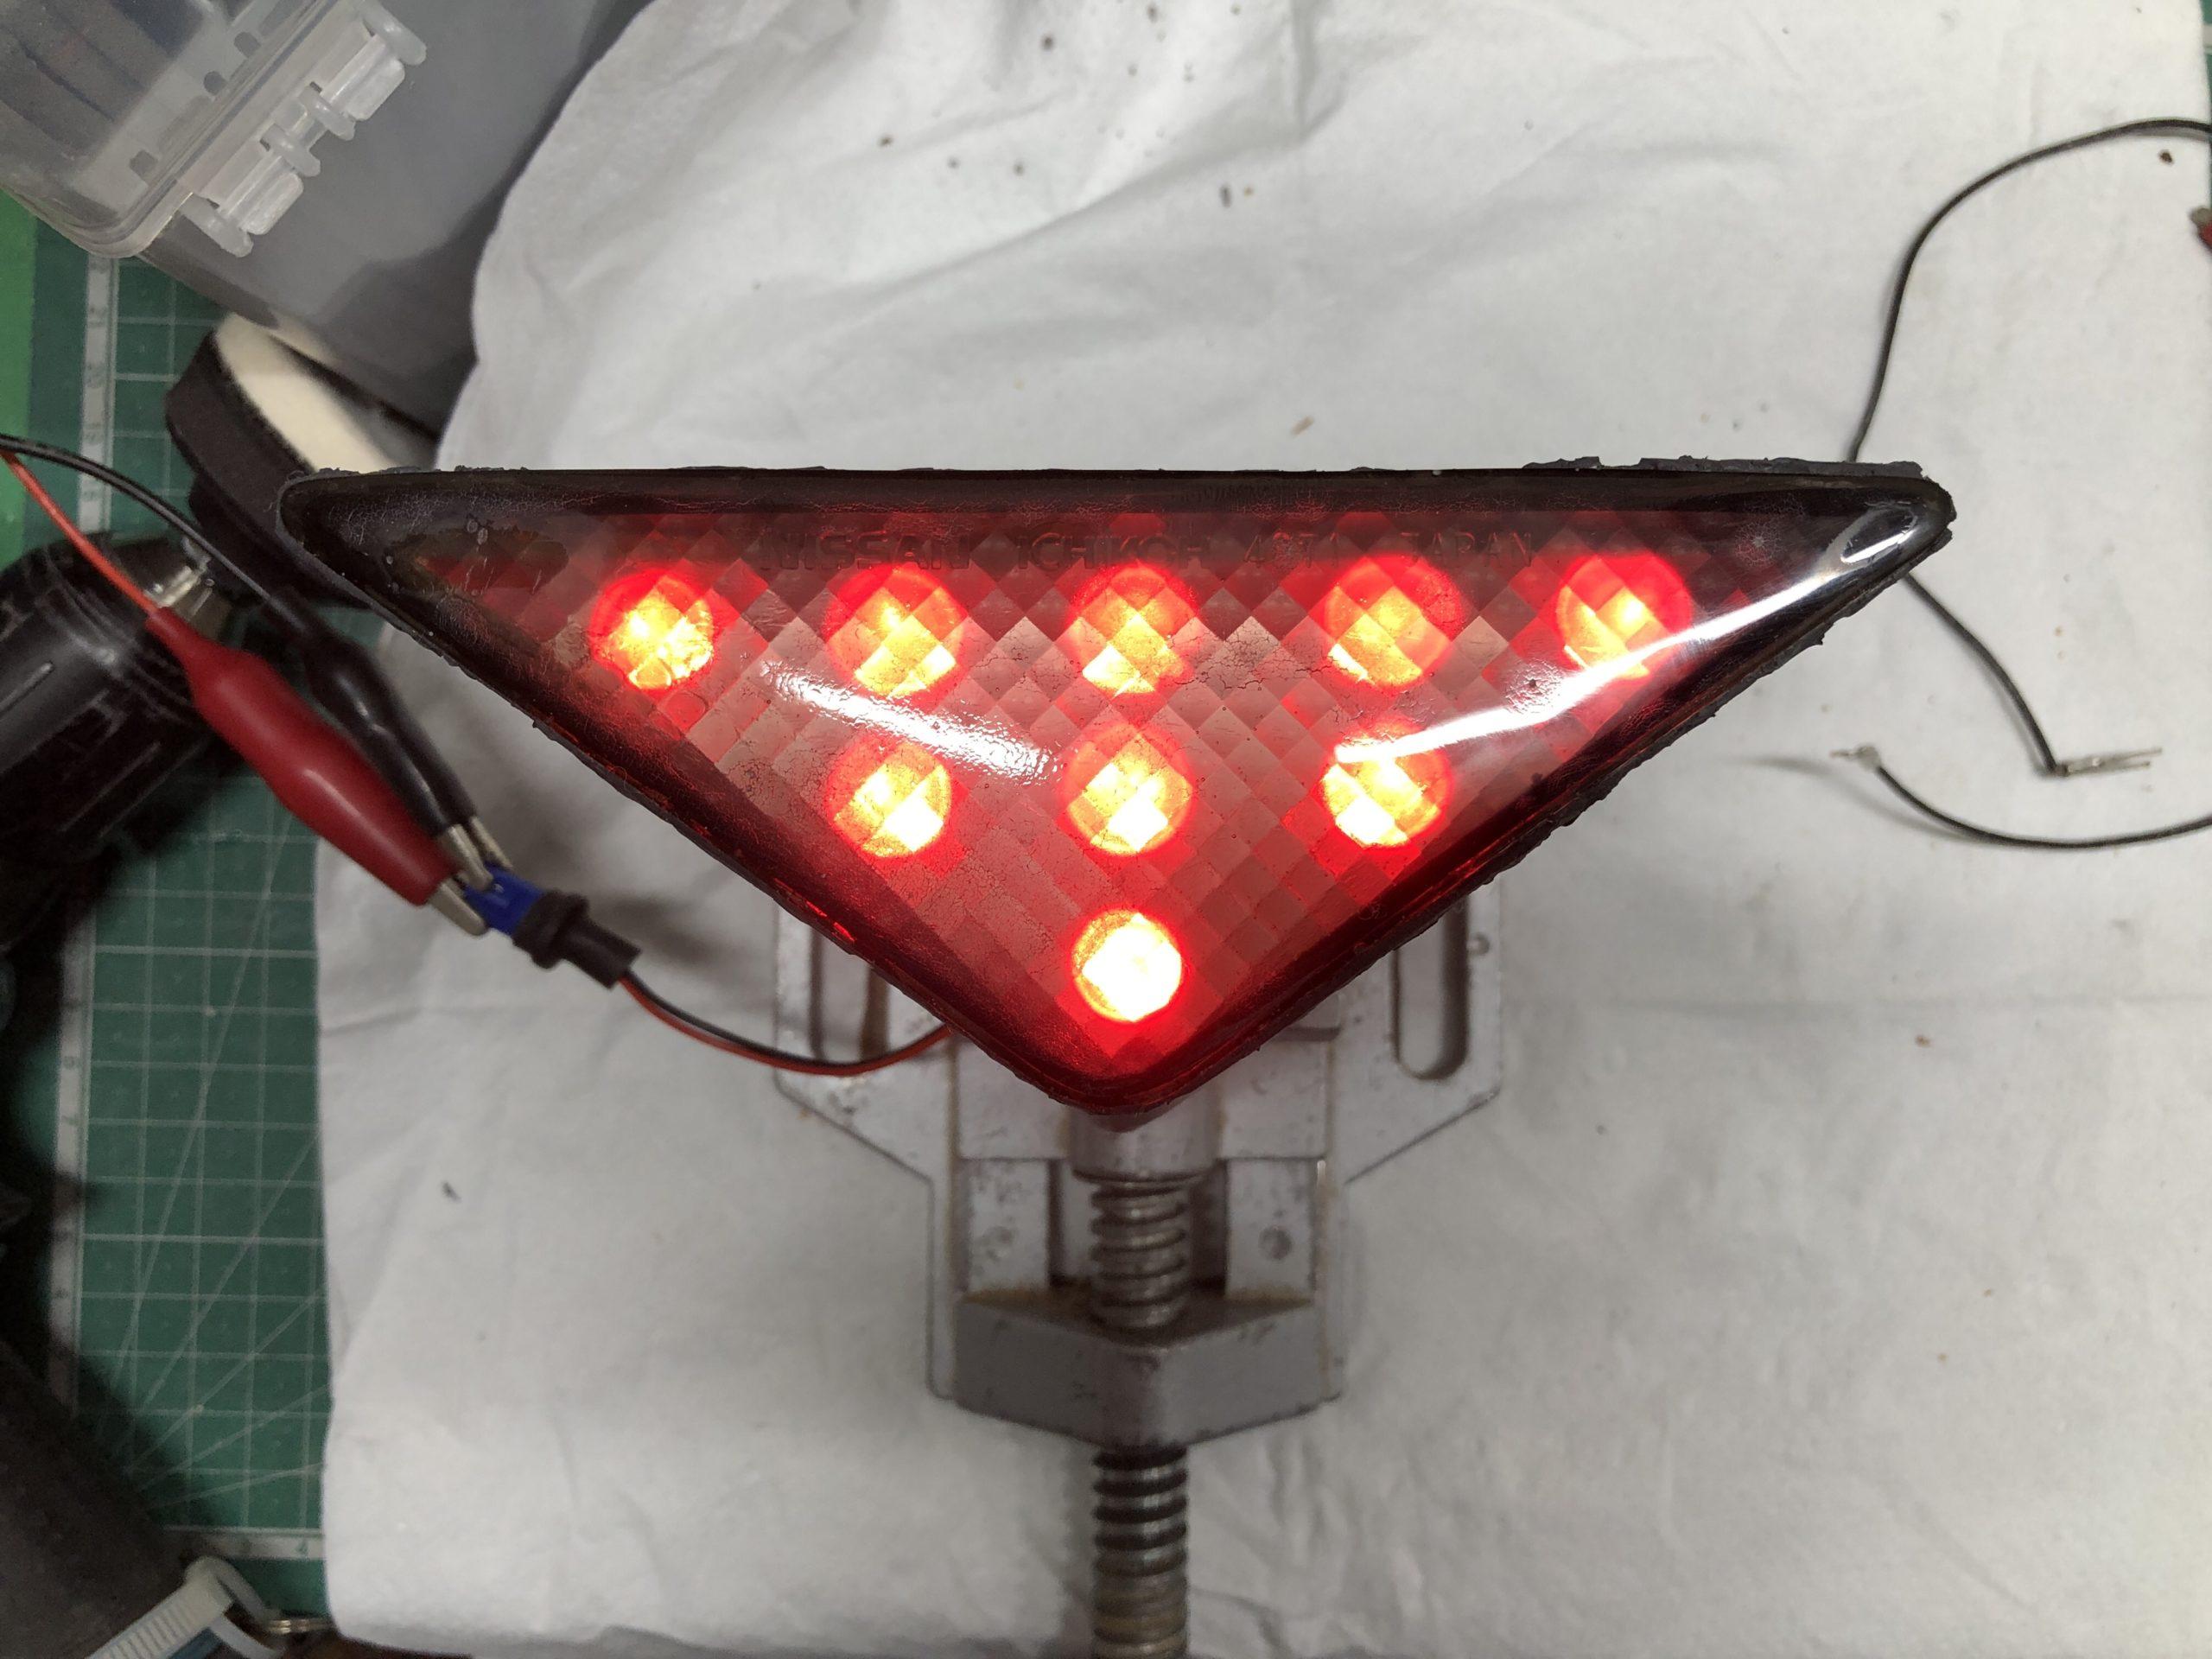 S15-Silvia-ハイマウントストップランプ 点灯確認